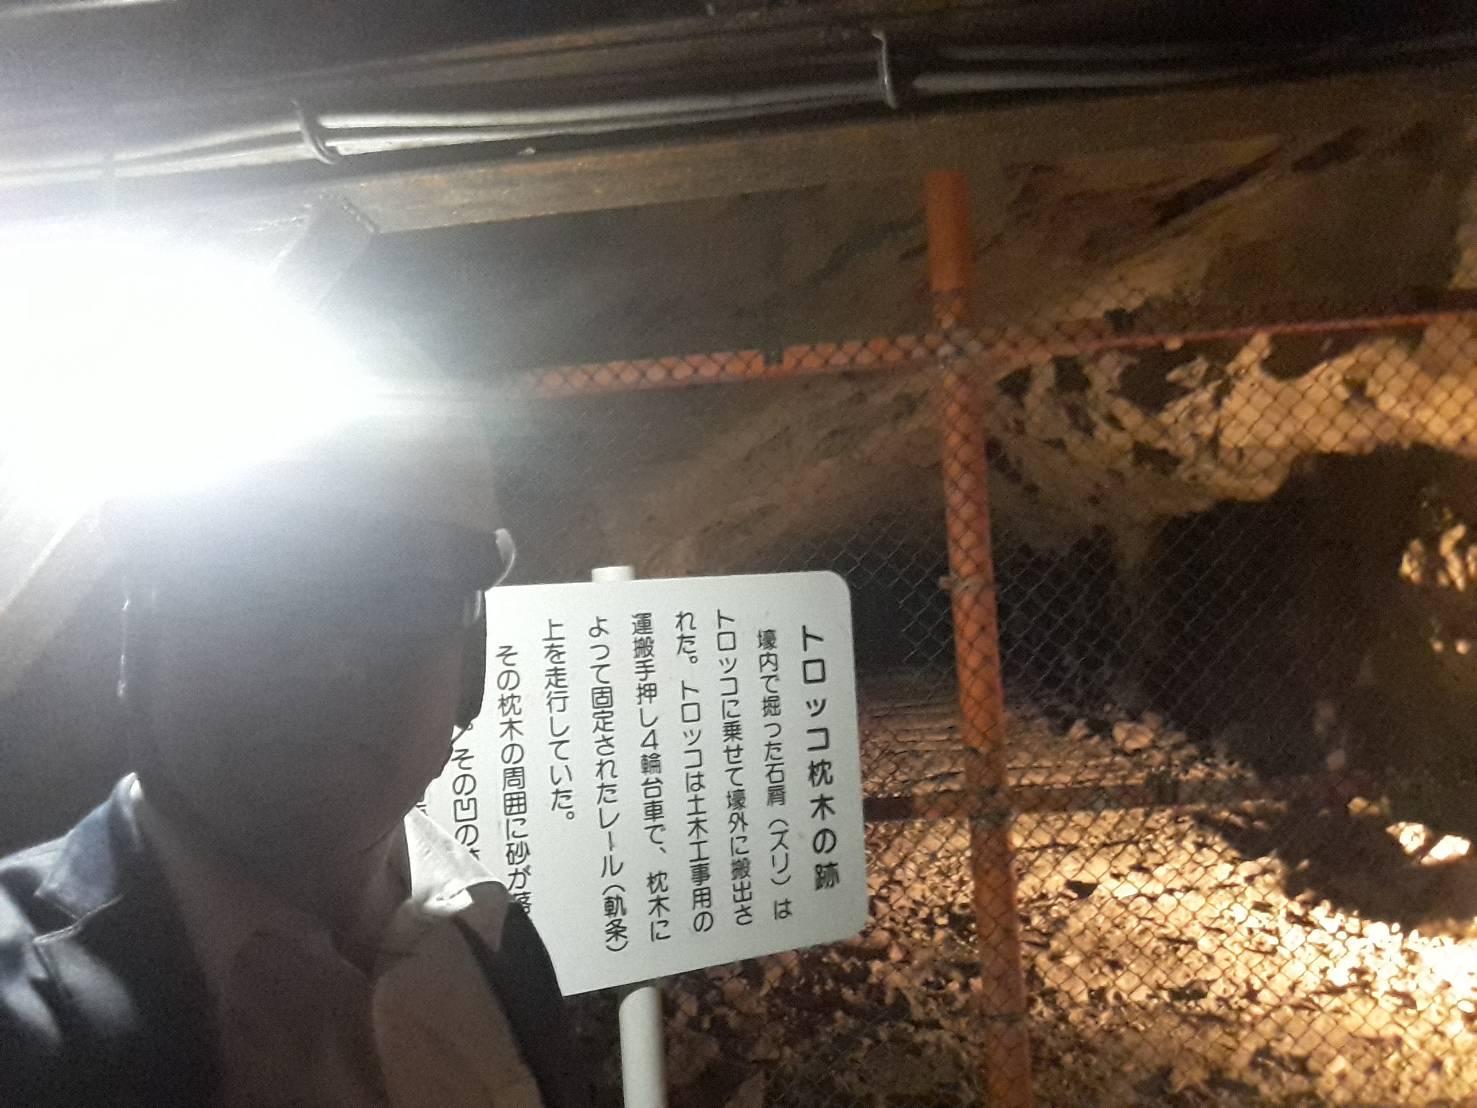 映画「かぞくわり」では、どんづる峯地下豪、初撮影許可・初ロケ地となりましたが、よりロケ地誘致を。それ以来自身2度目の視察です@松代象山地下豪